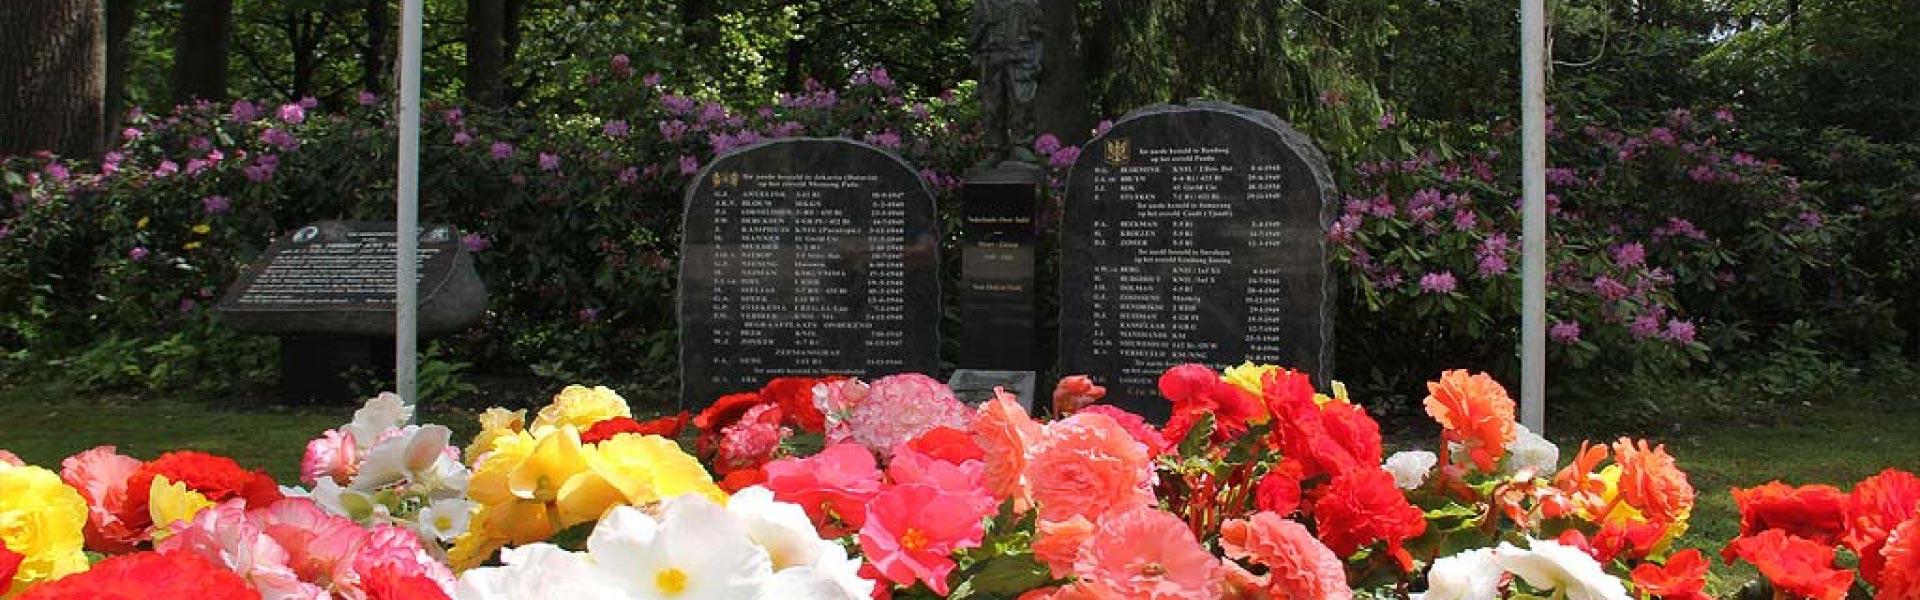 soerenseweg-begraafplaats-geschiedenis